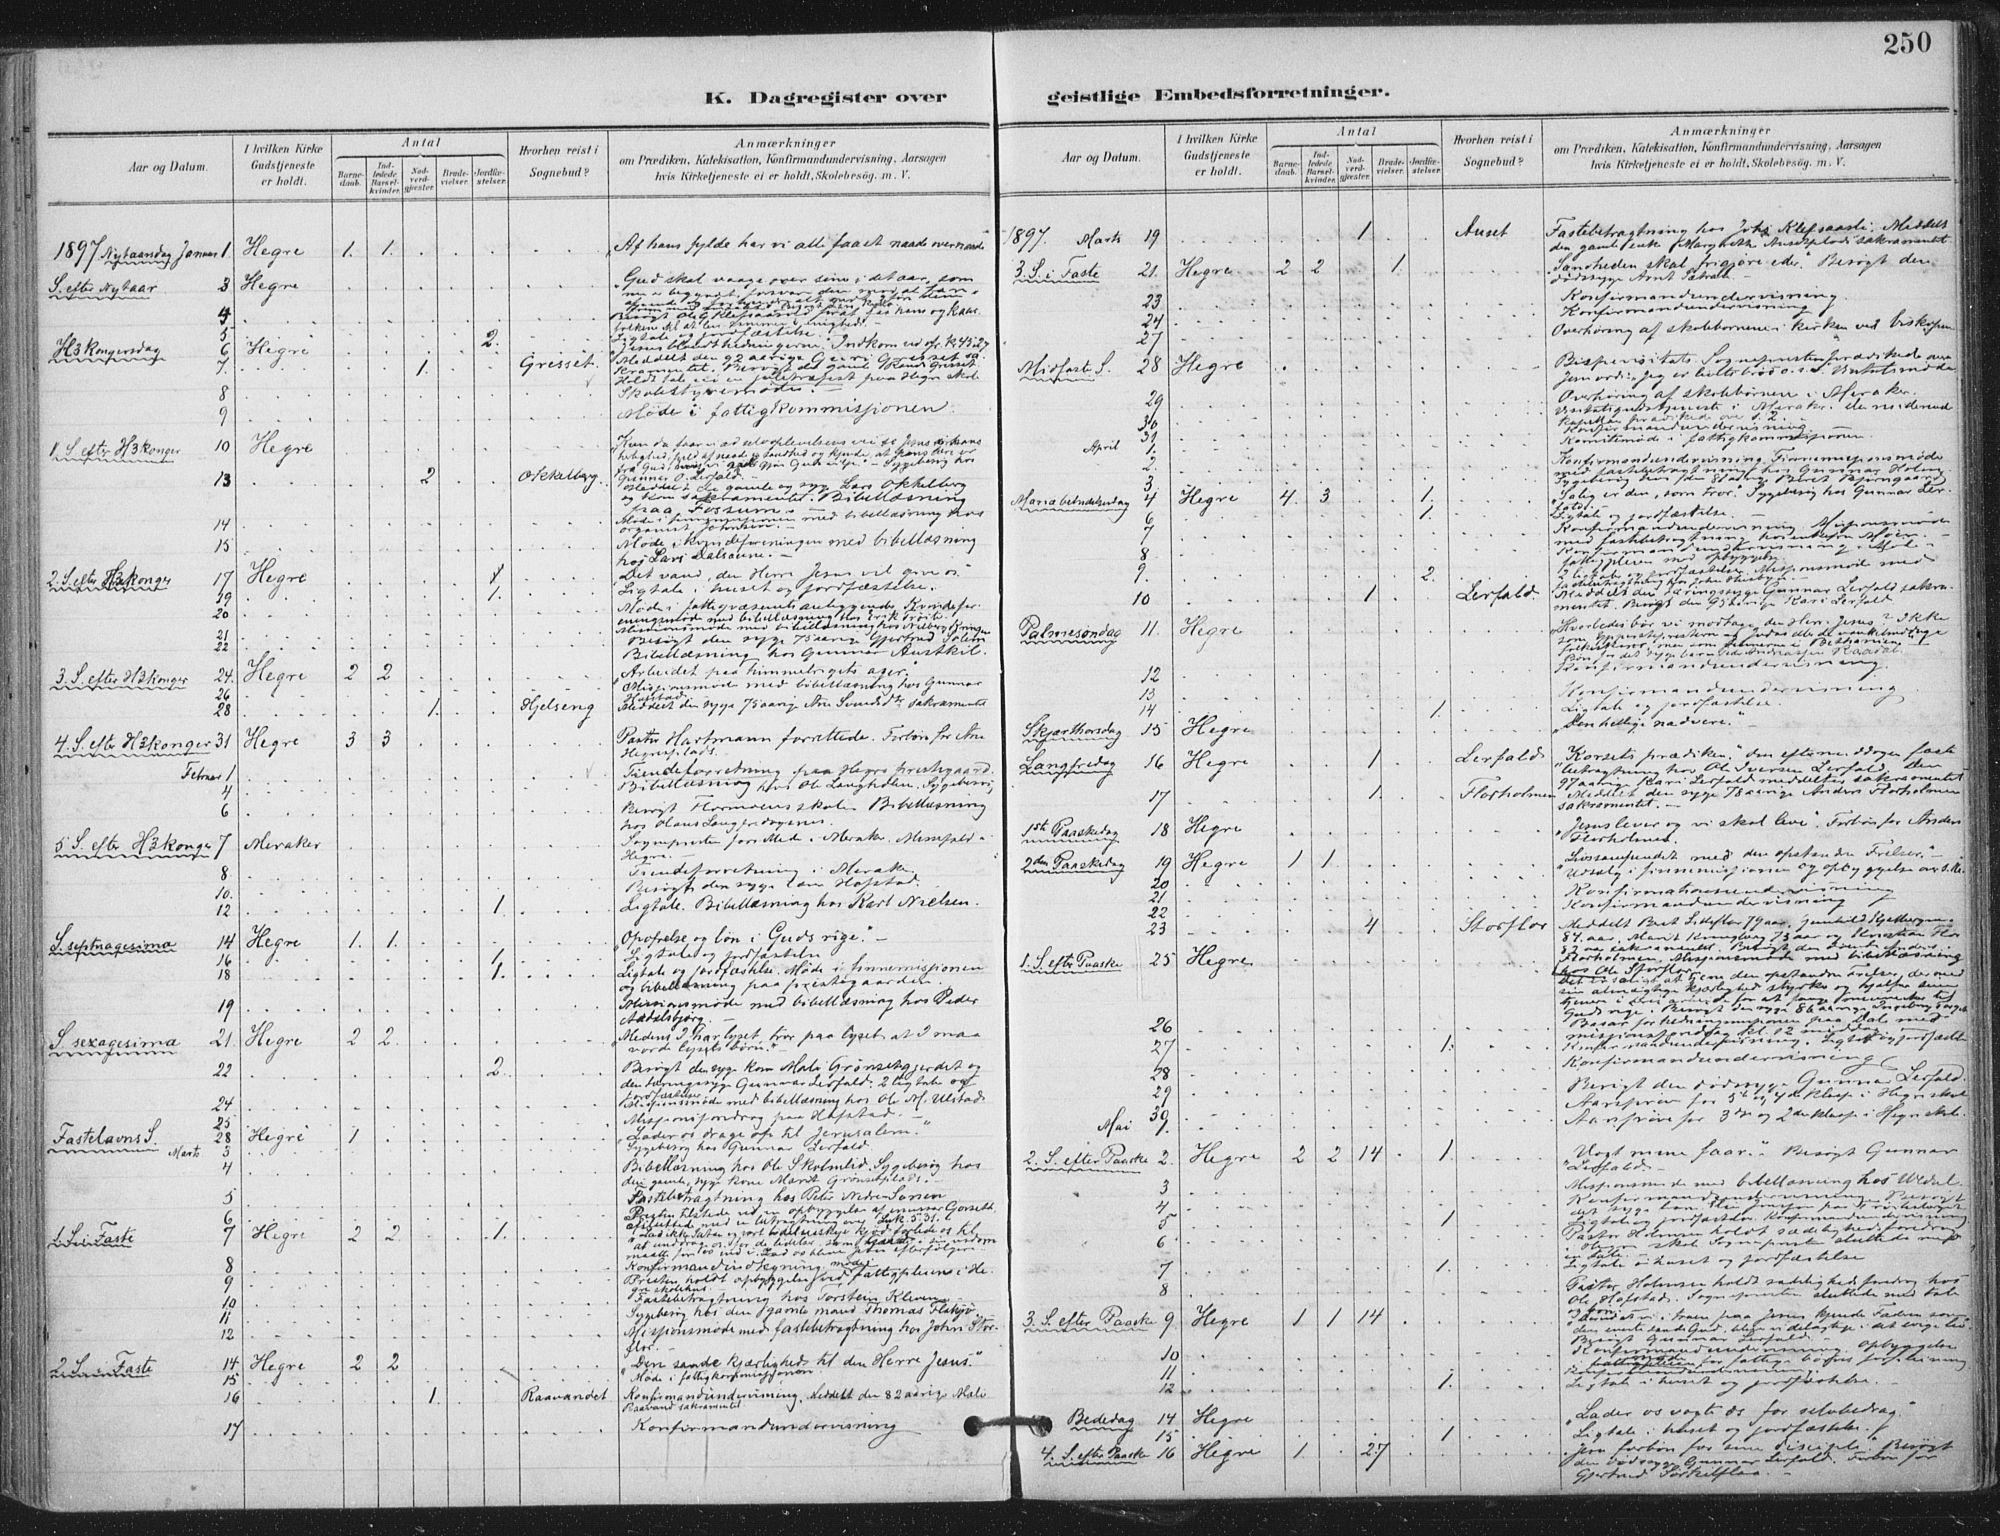 SAT, Ministerialprotokoller, klokkerbøker og fødselsregistre - Nord-Trøndelag, 703/L0031: Ministerialbok nr. 703A04, 1893-1914, s. 250